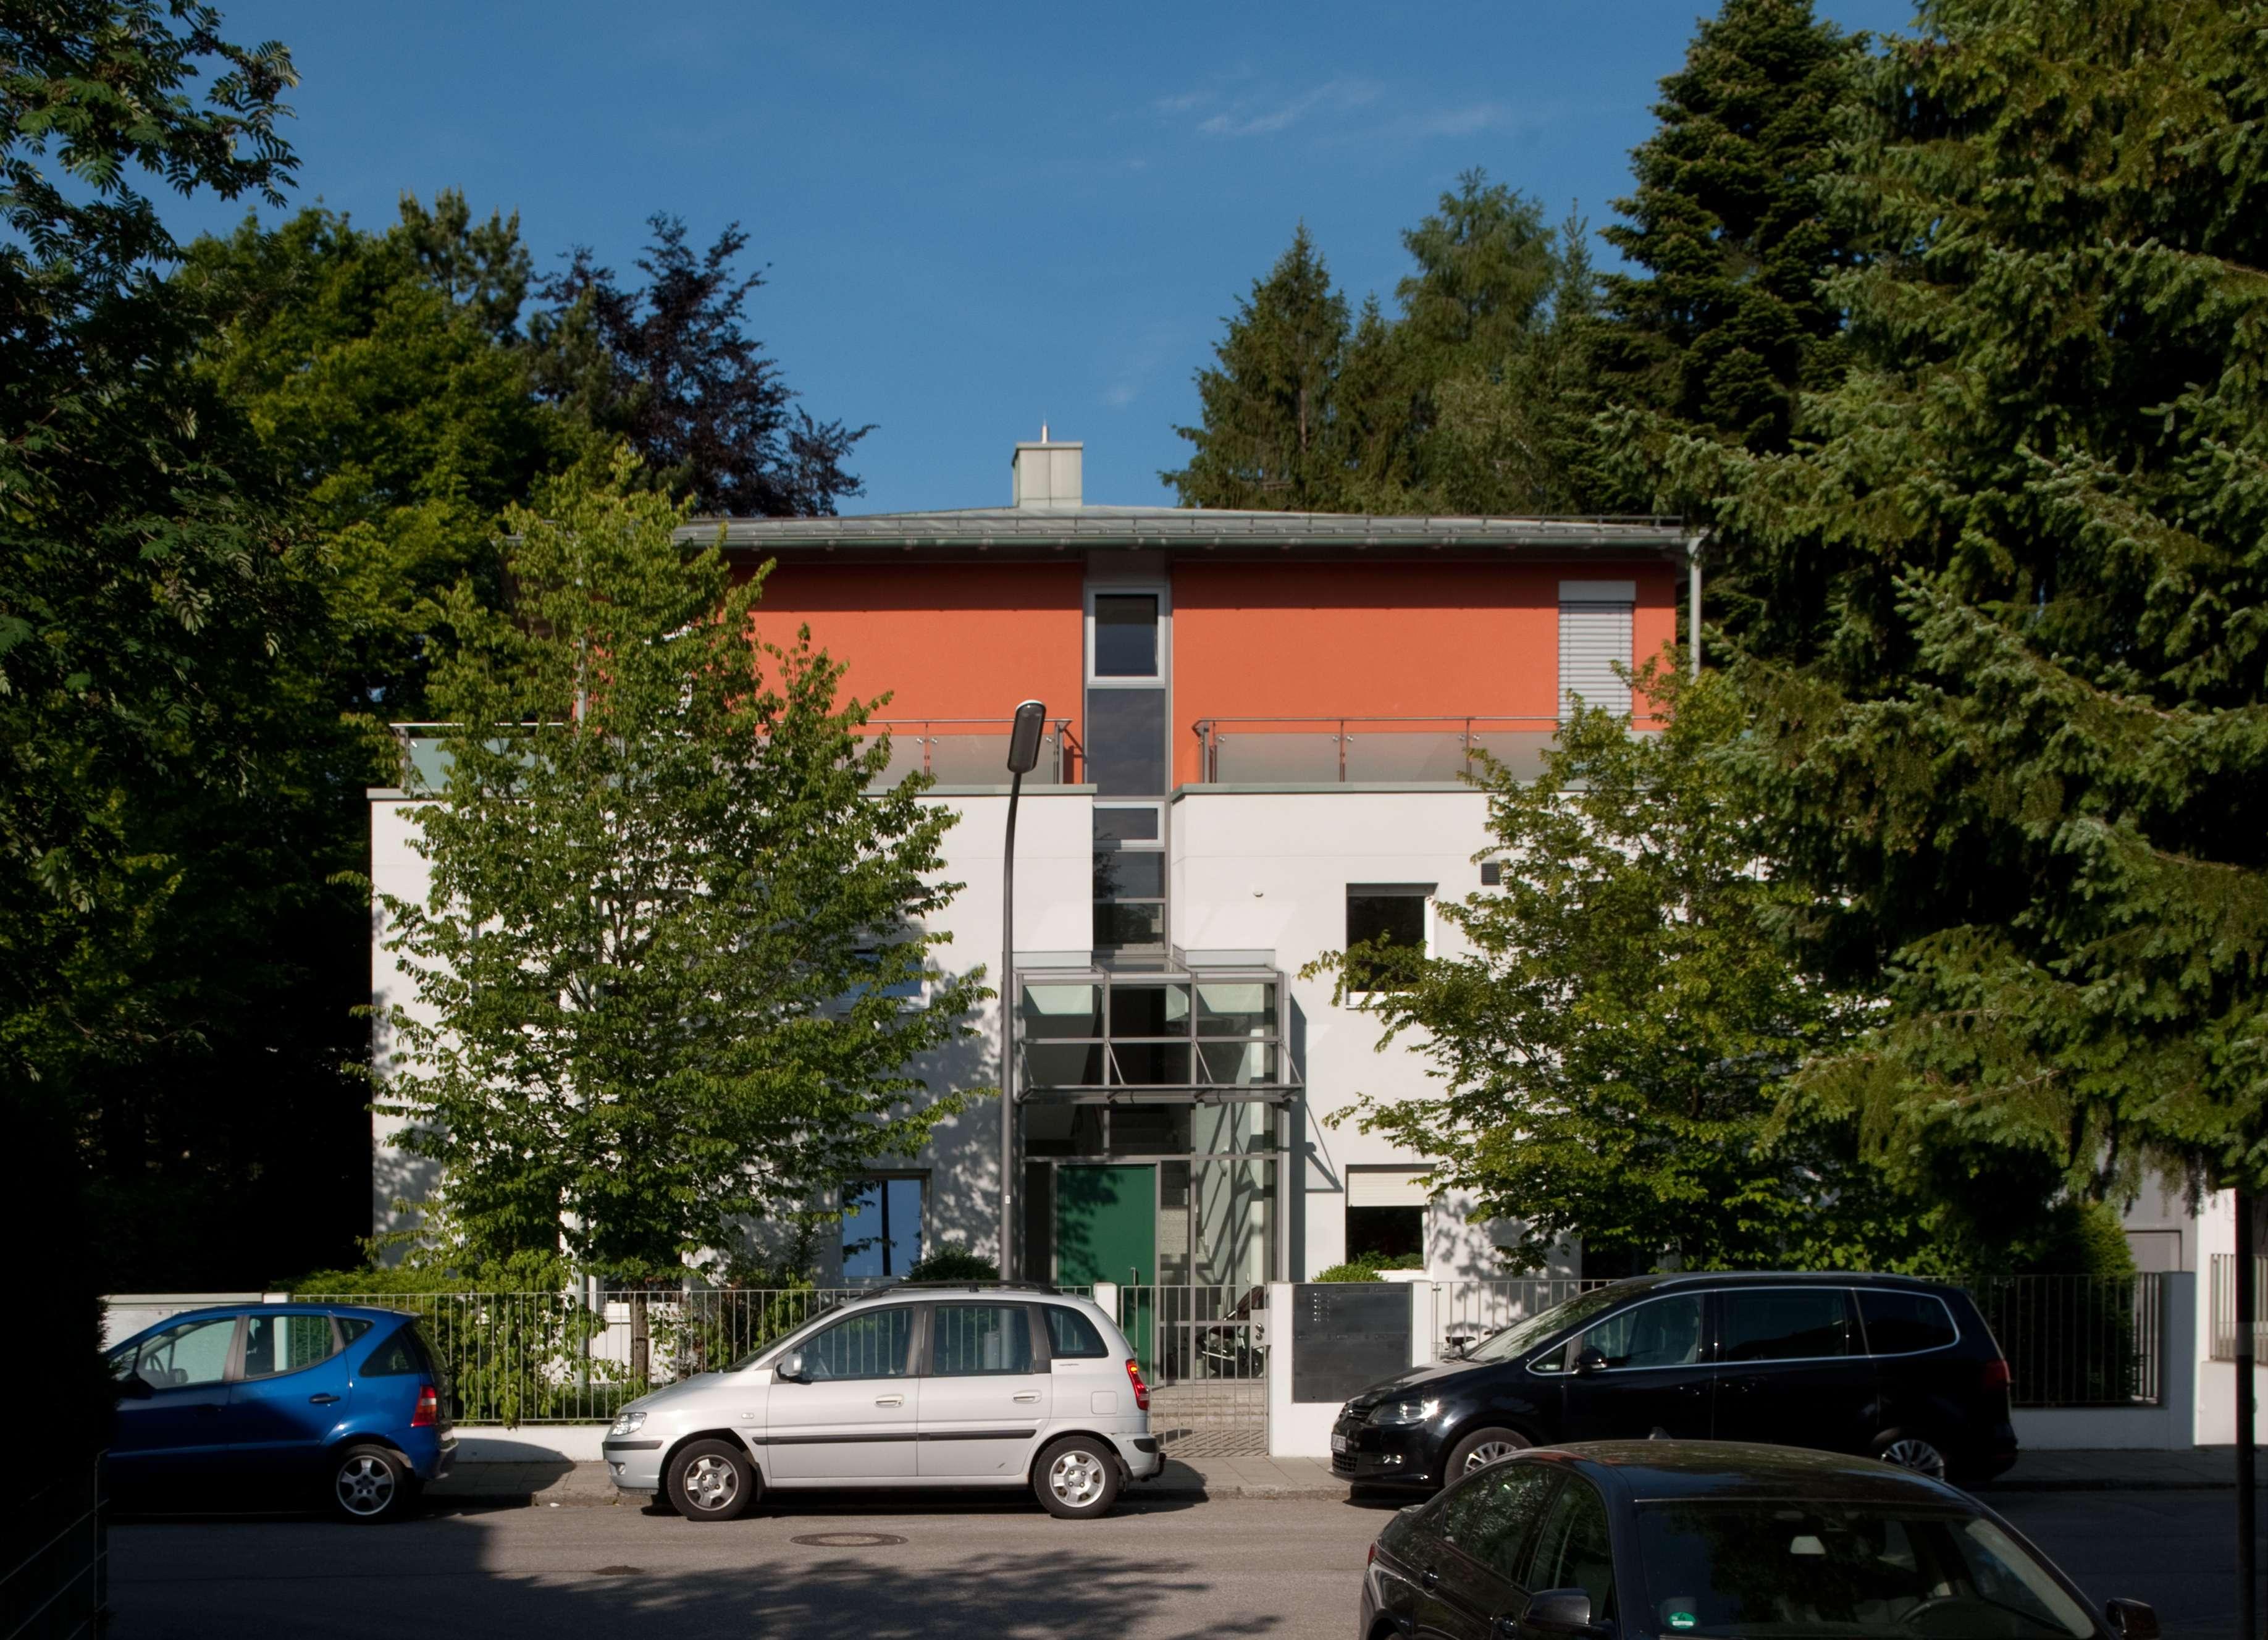 Moderne 3-Zimmer-Erdgeschosswohnung mit Terrasse in bester Lage - Harlaching in Harlaching (München)